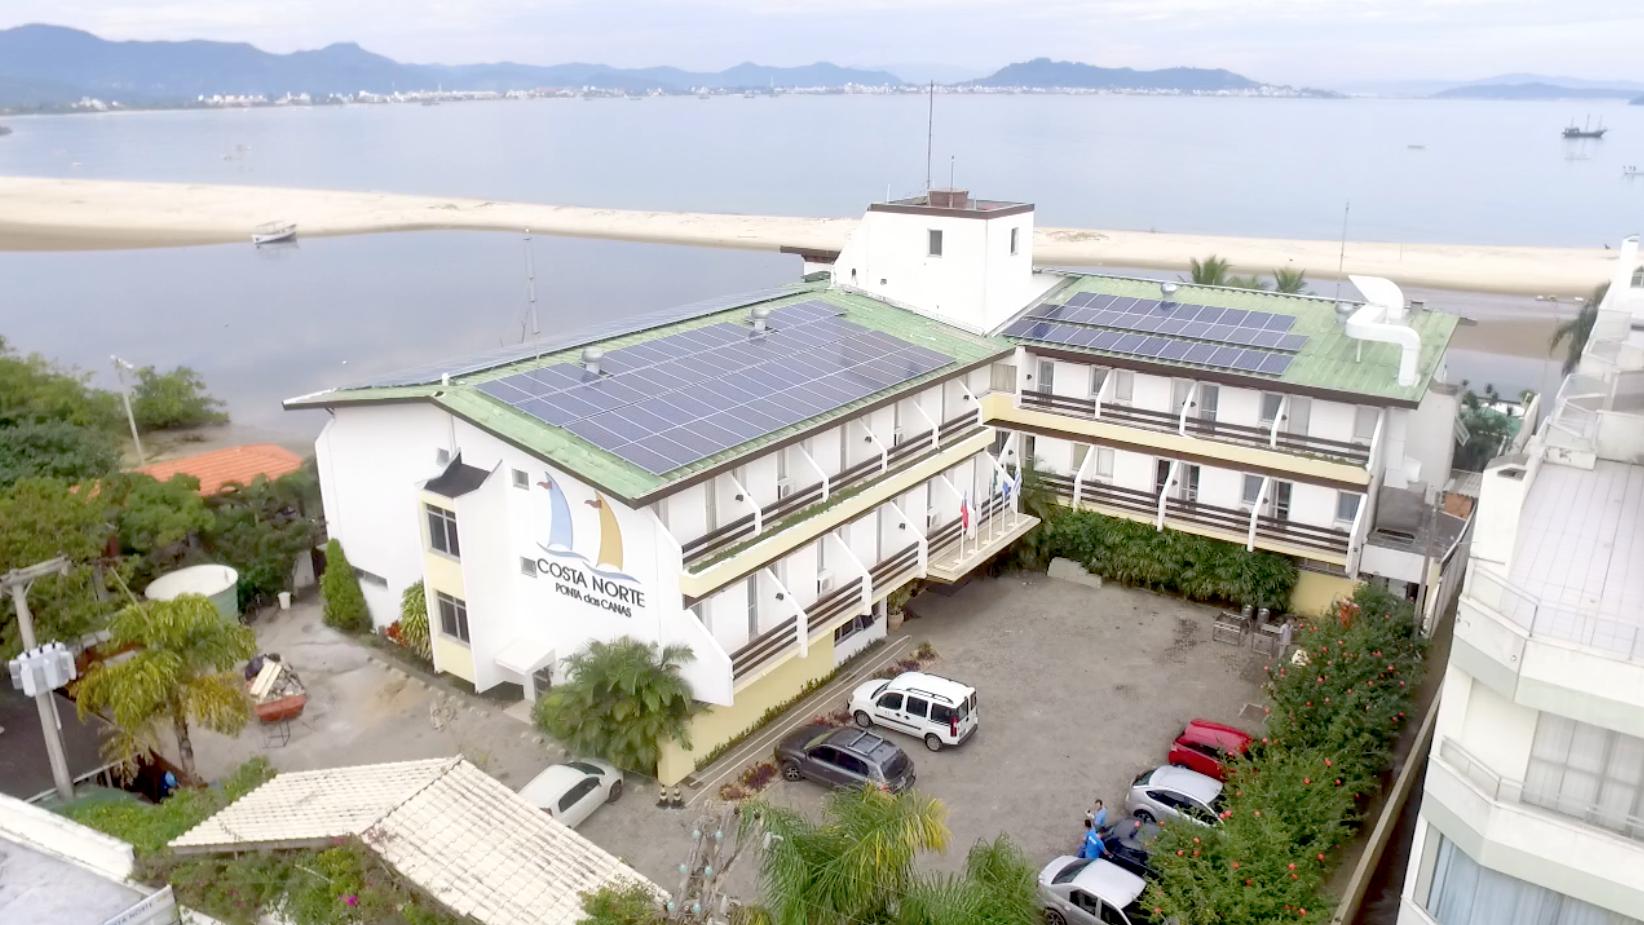 hotel-costa-norte-projeto-solar8